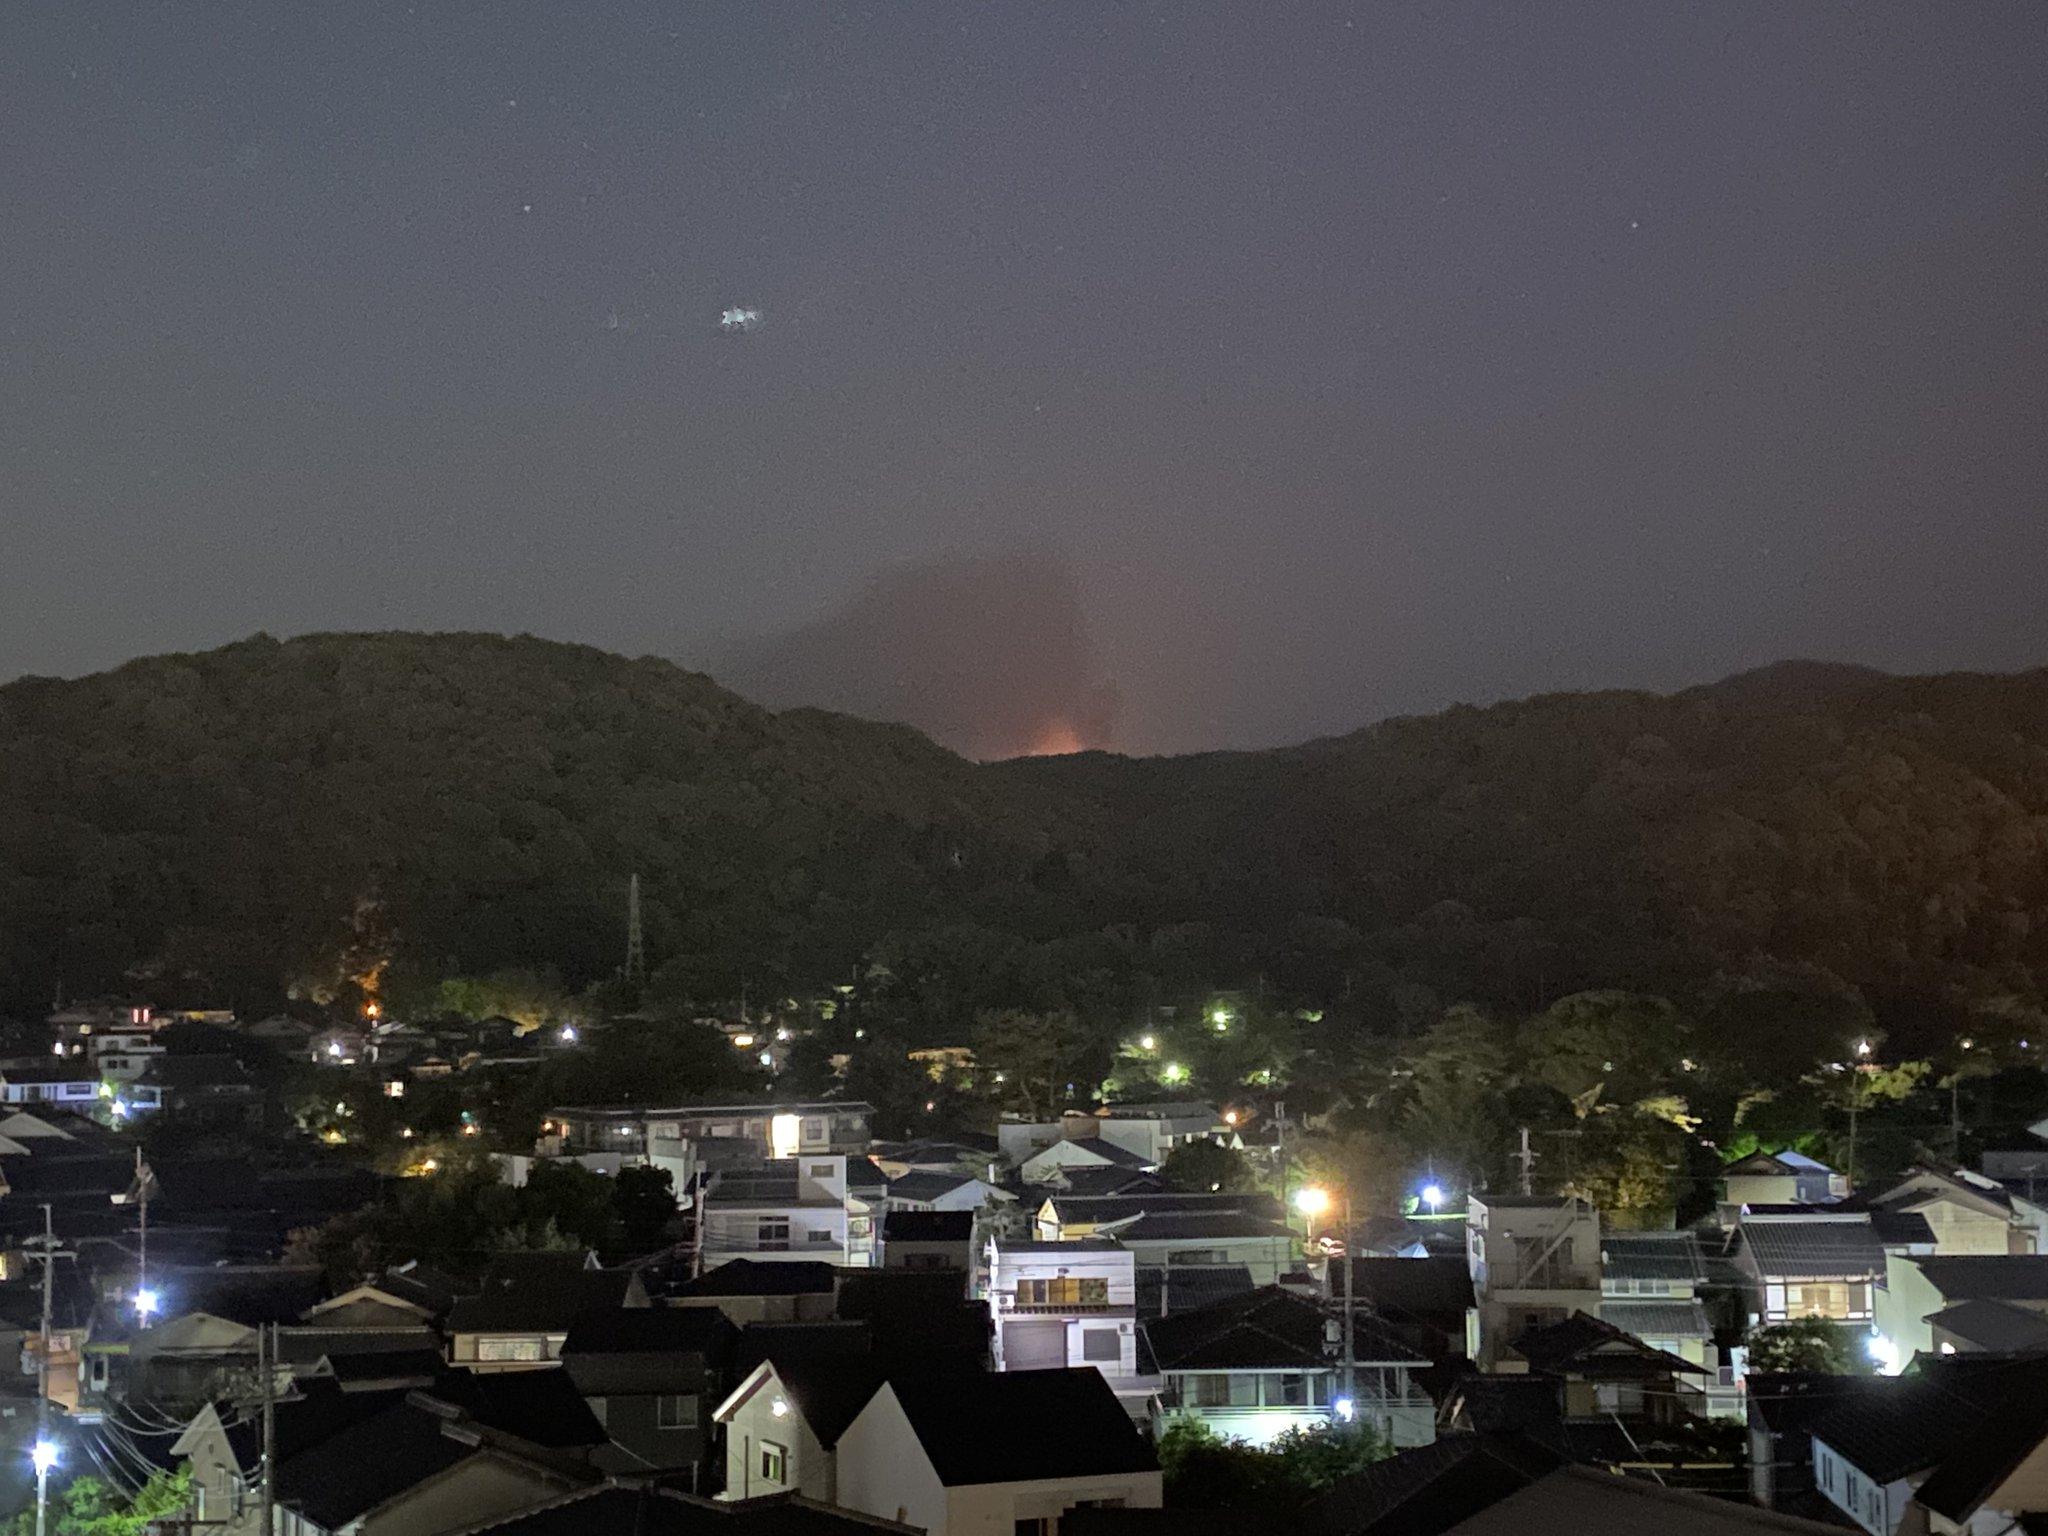 画像,宇治のどこかが山火事のようで、山の向こうが赤く光ってるし消防車が山のように走ってる。 https://t.co/SwnOCtEumP…